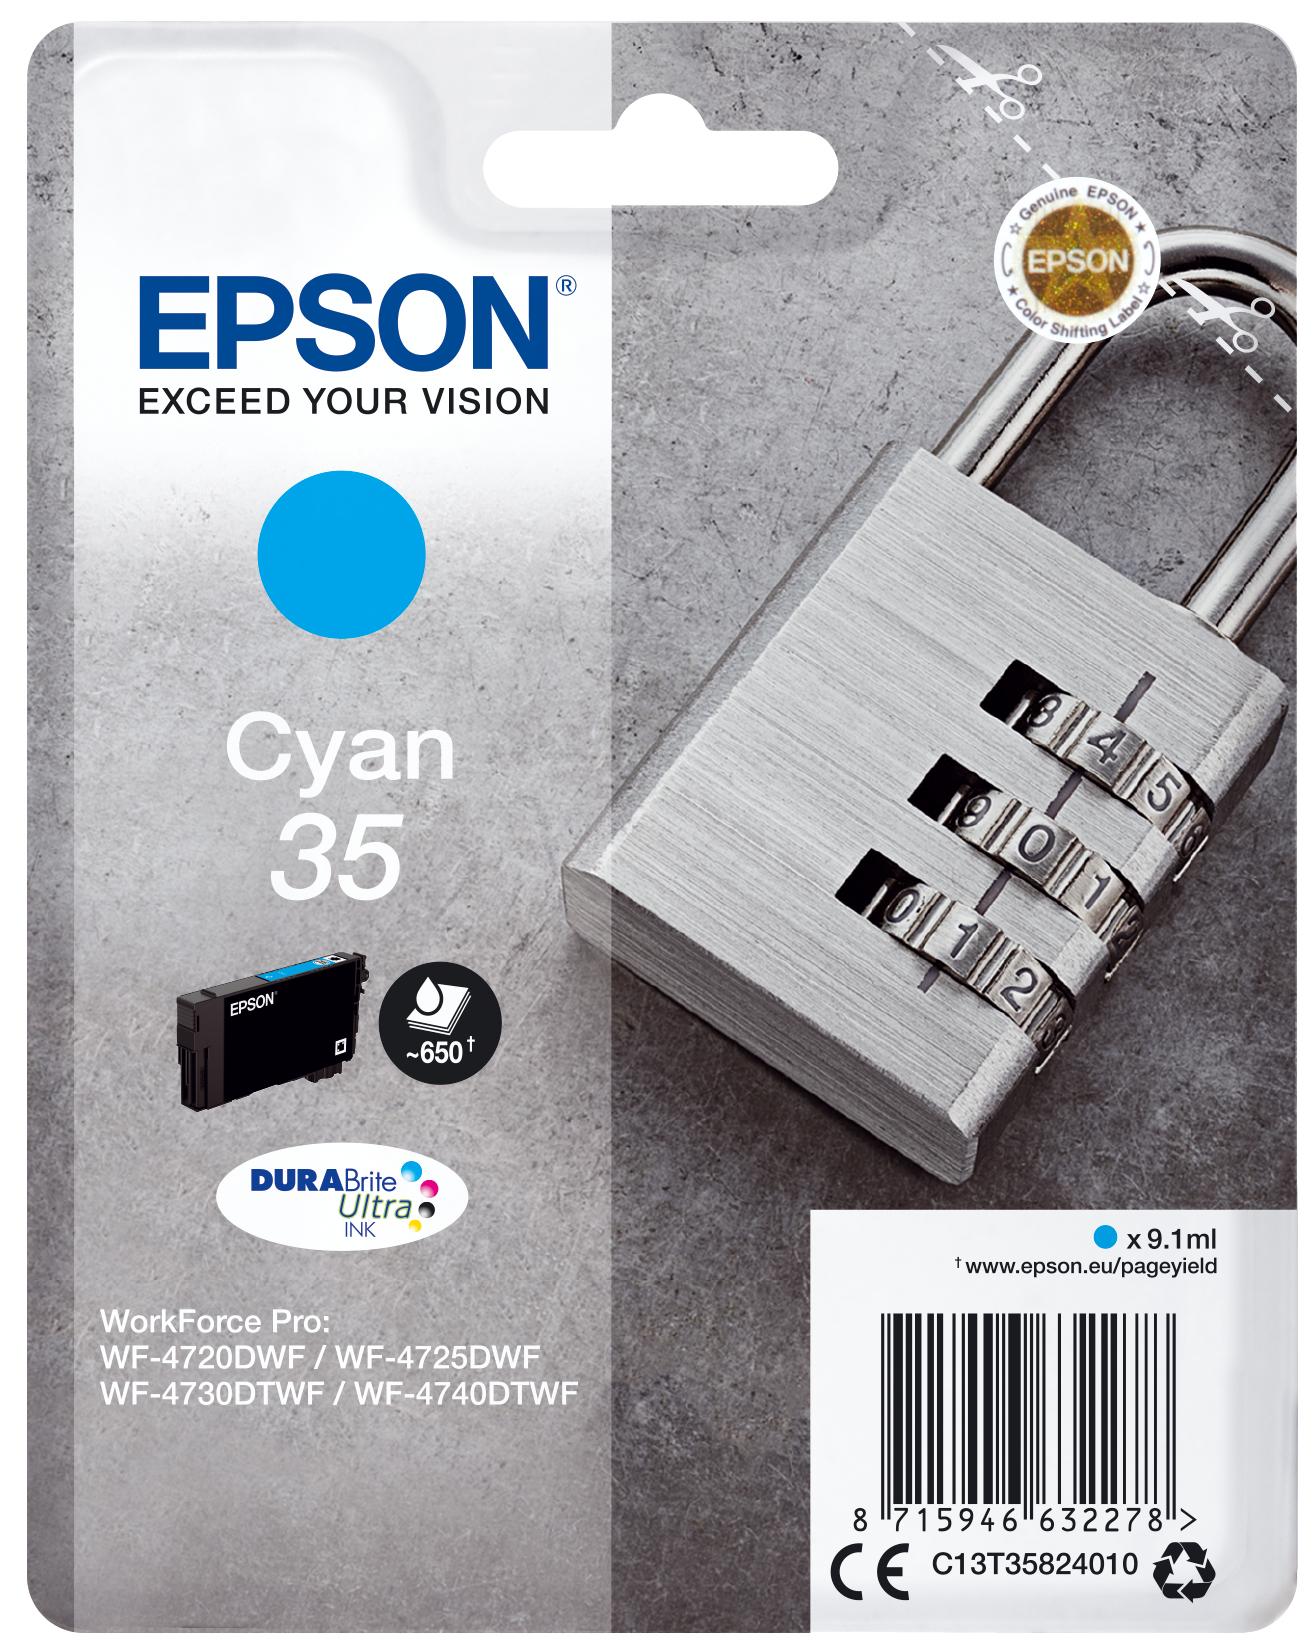 Epson C13T35824010